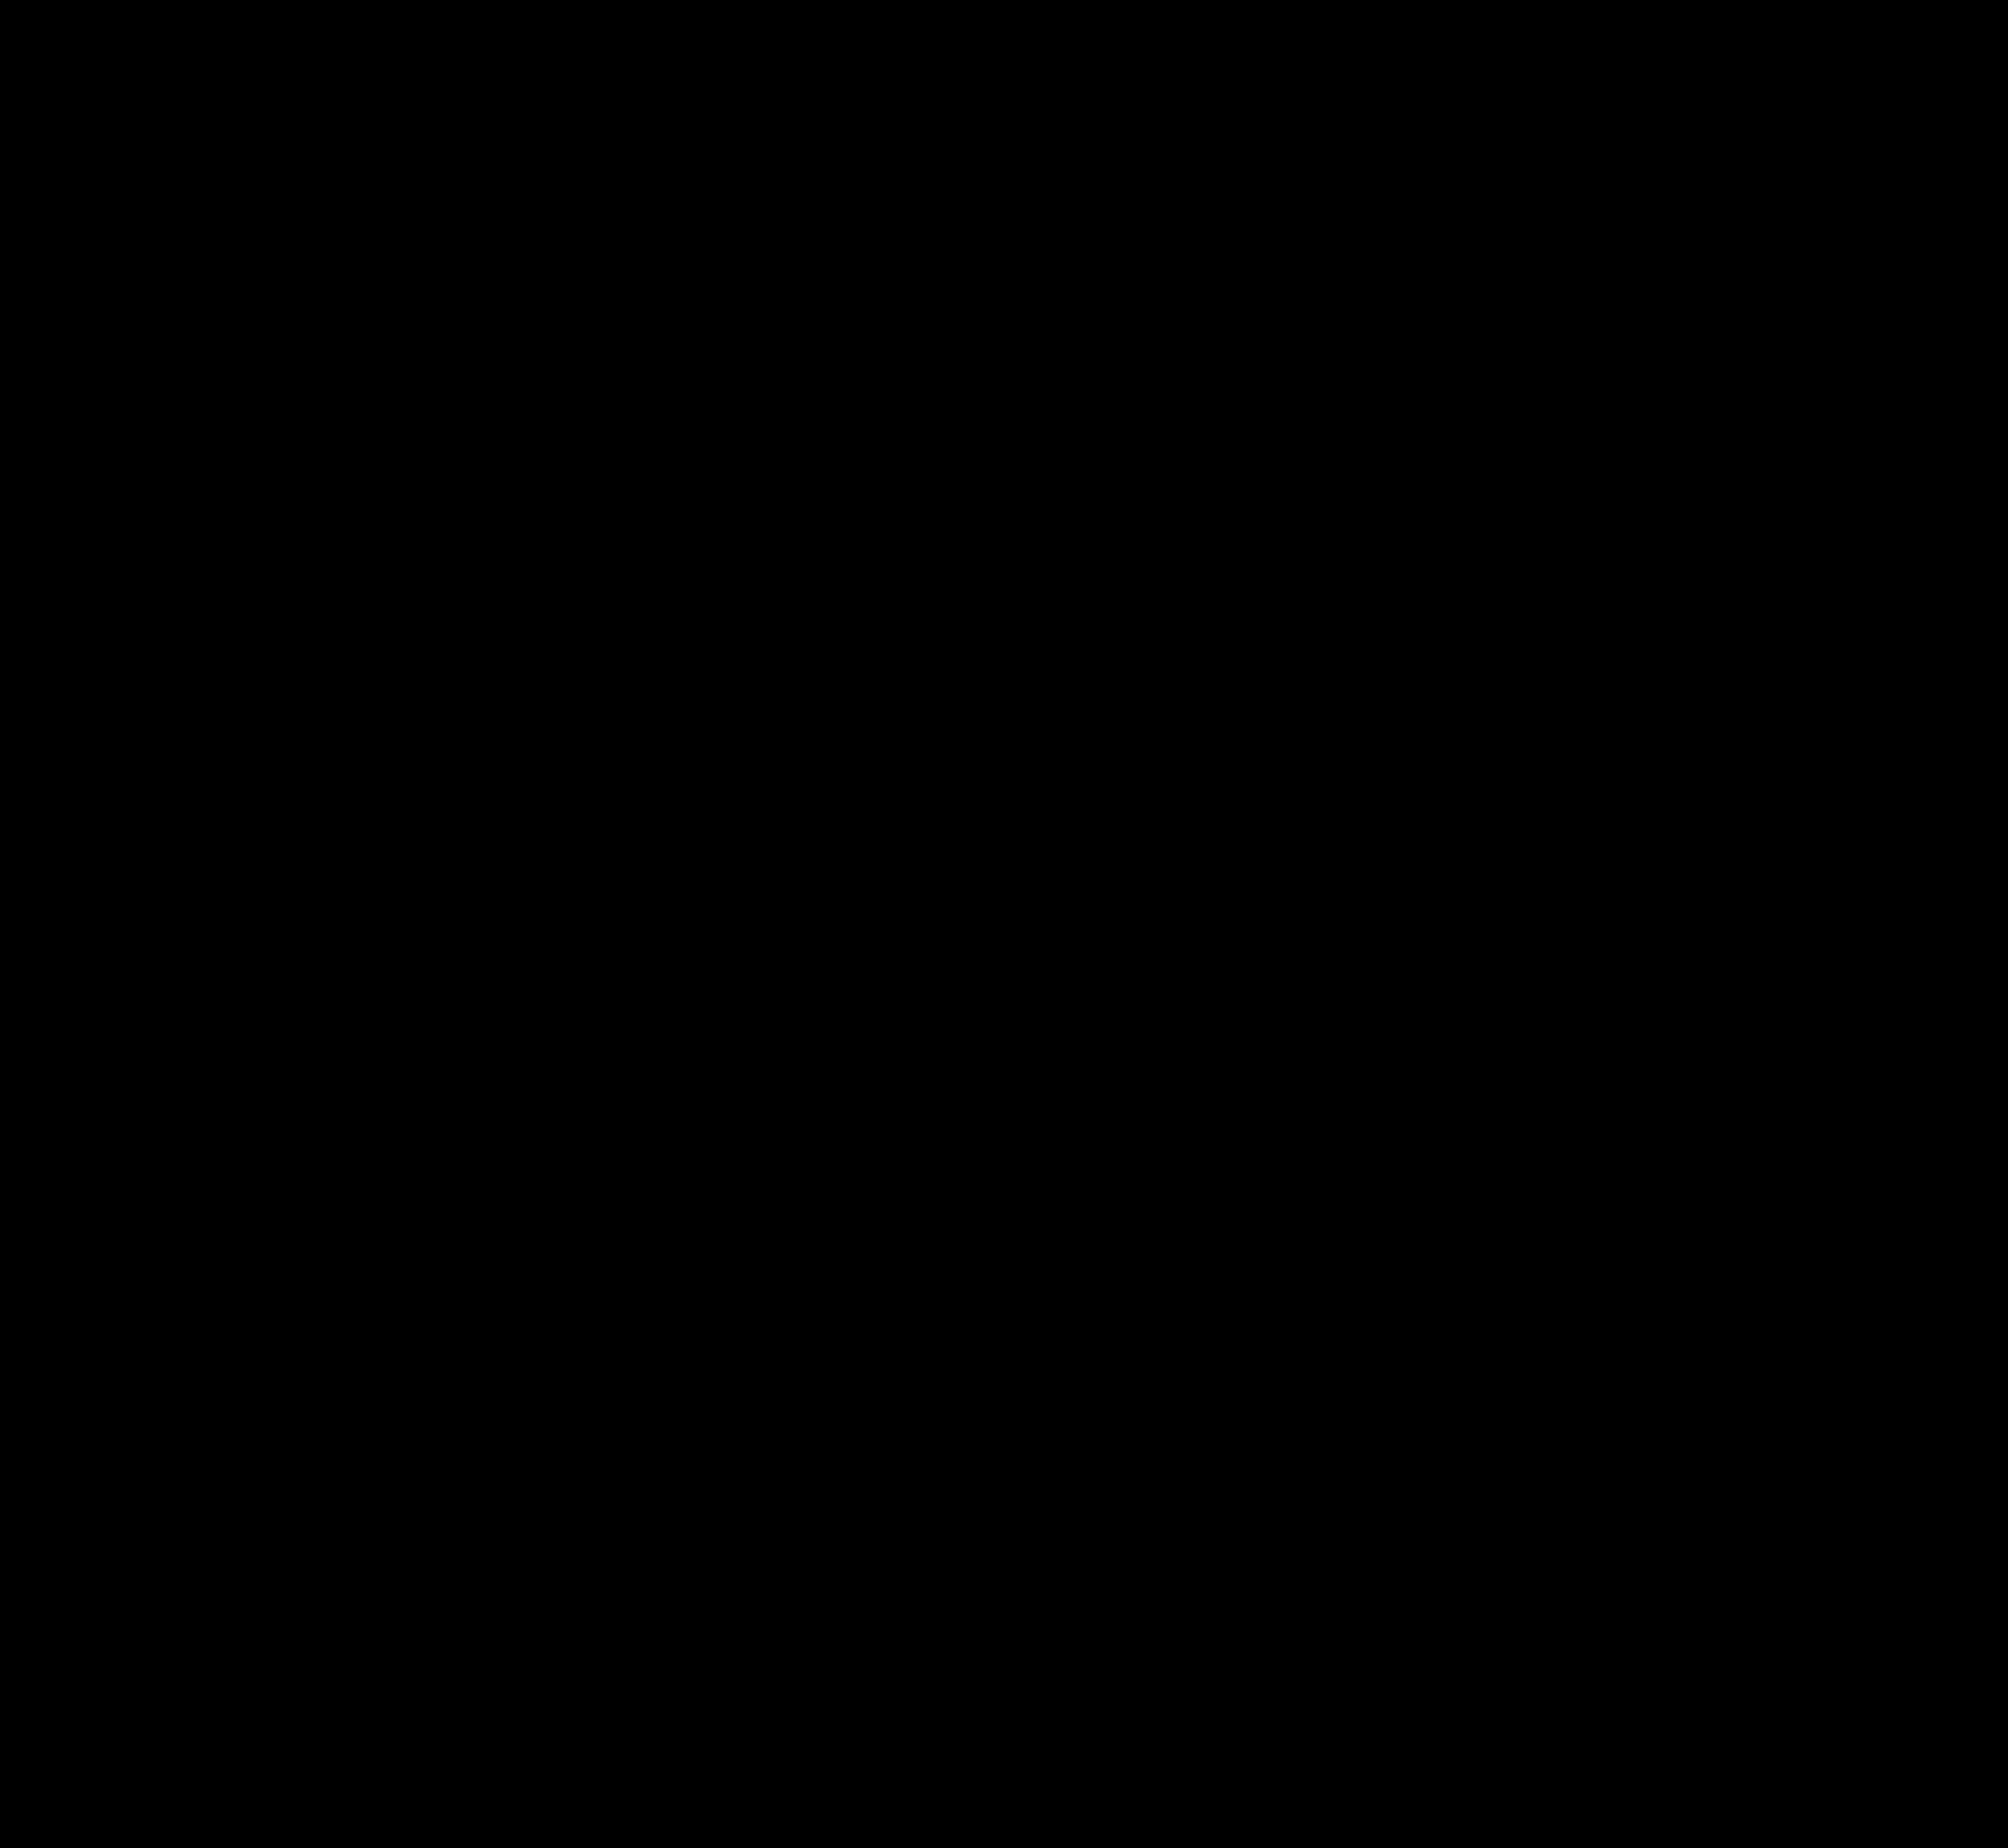 Progettazione logo- Alessandra Conte Graphic Designer Udine - Web Design Udine - Progettazione siti web Udine - Social Media Manager Udine